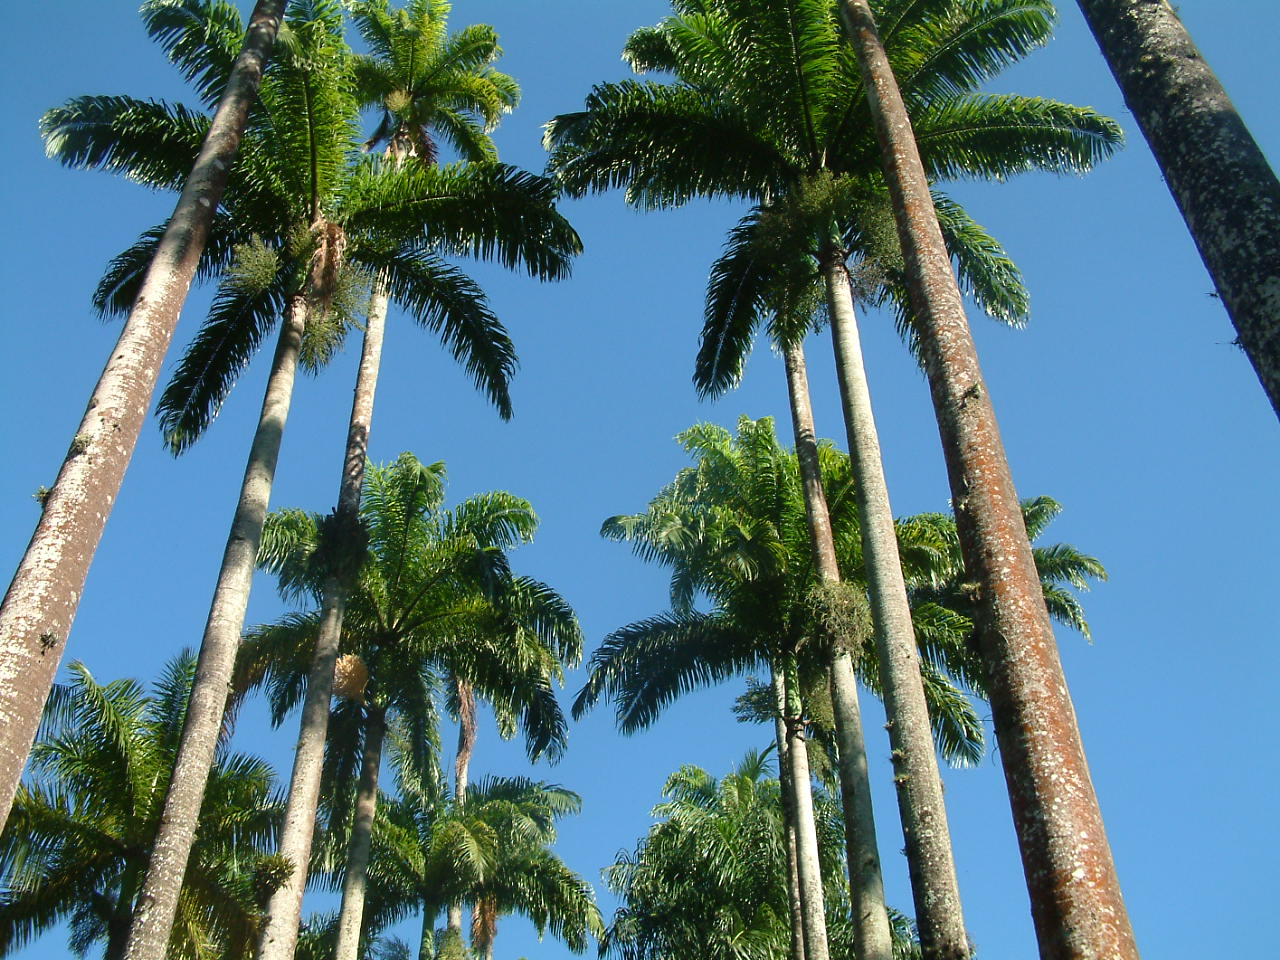 plantas de jardim lista:Jardim Botânico do Rio lança a Lista de Espécies da Flora do Brasil